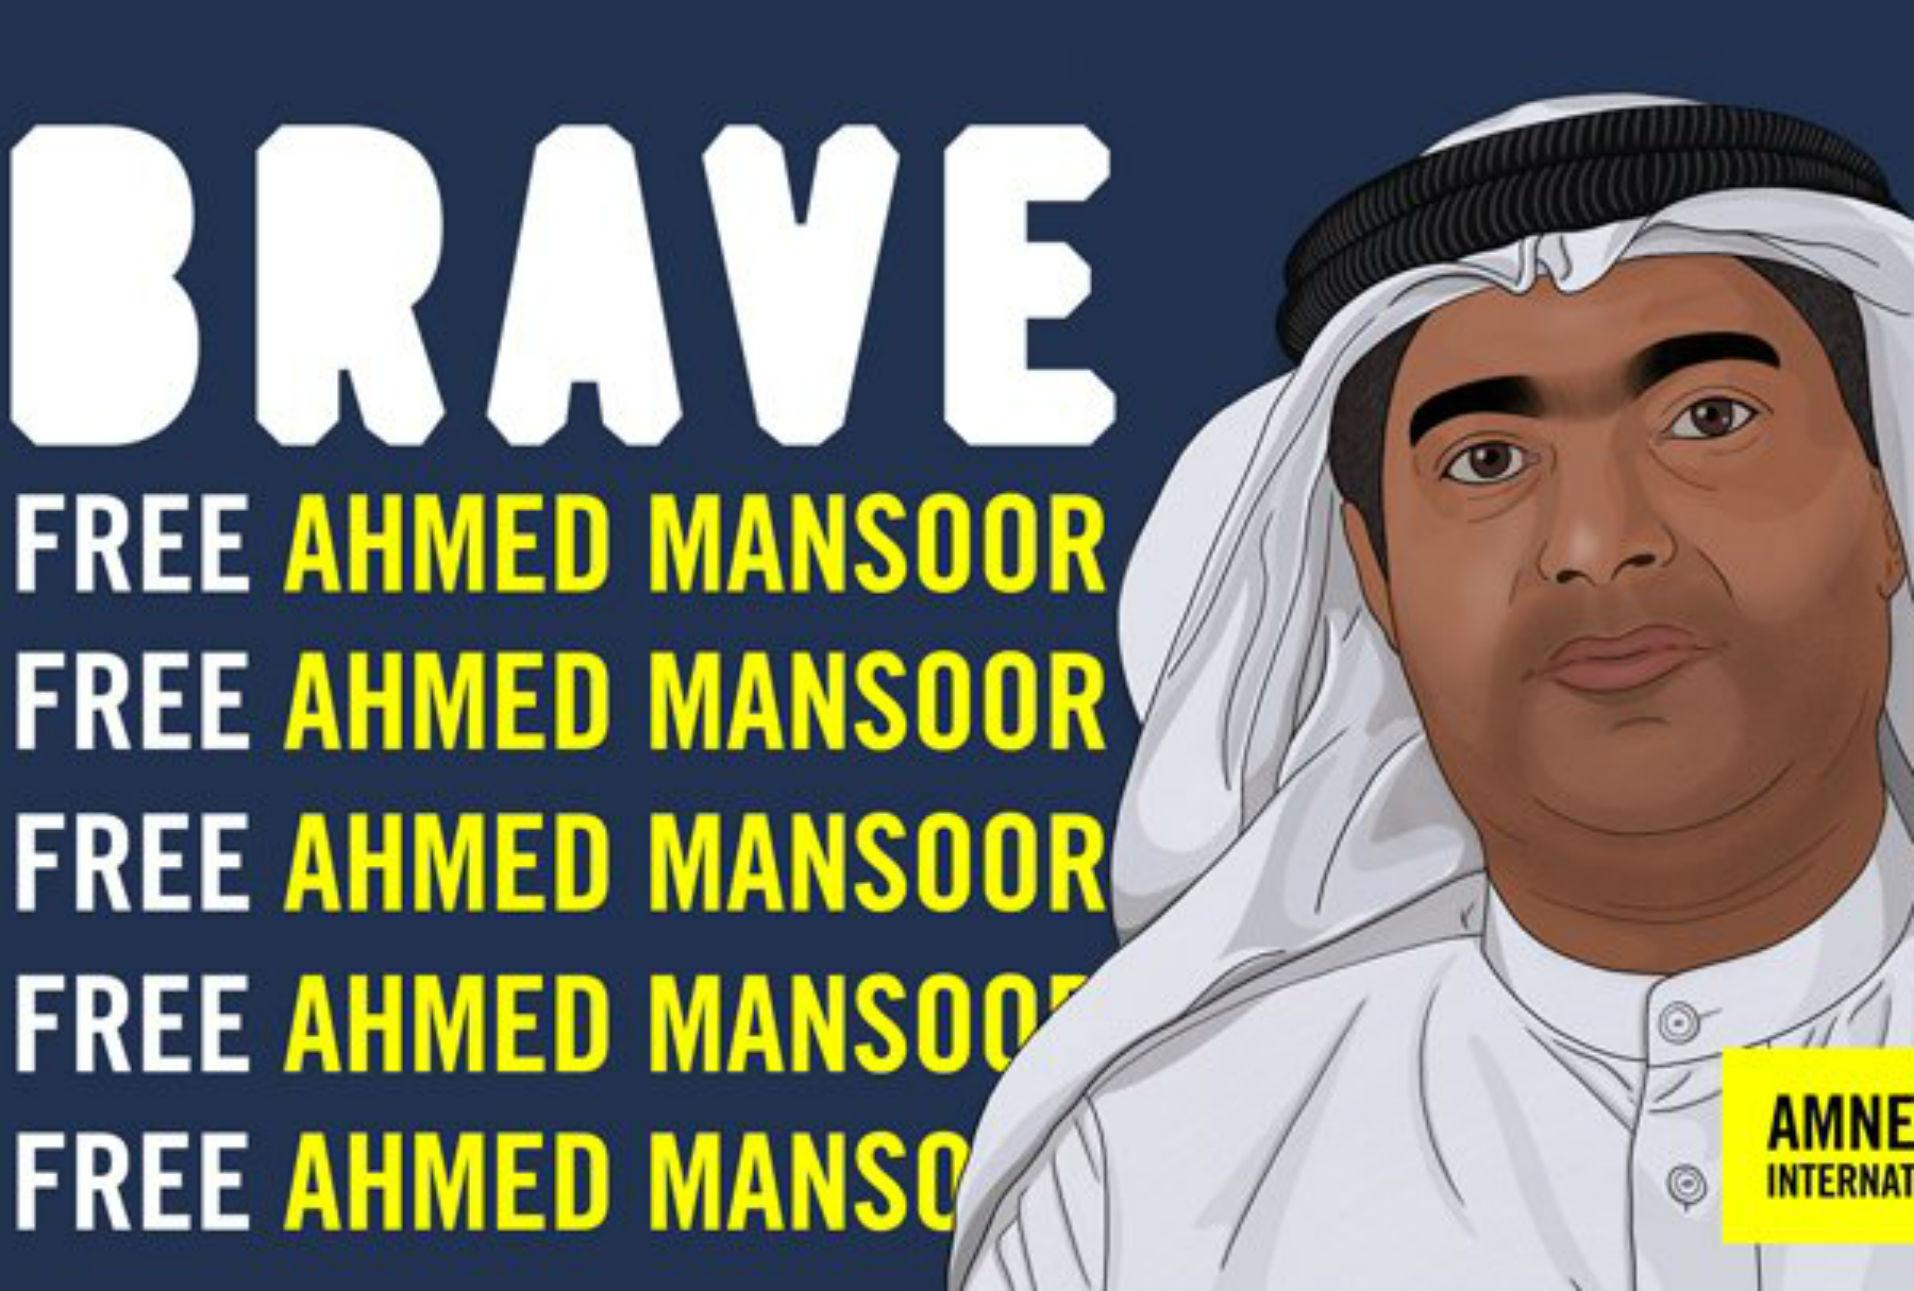 Ahmed Mansoor es sentenciado a 10 años de prisión en los EAU